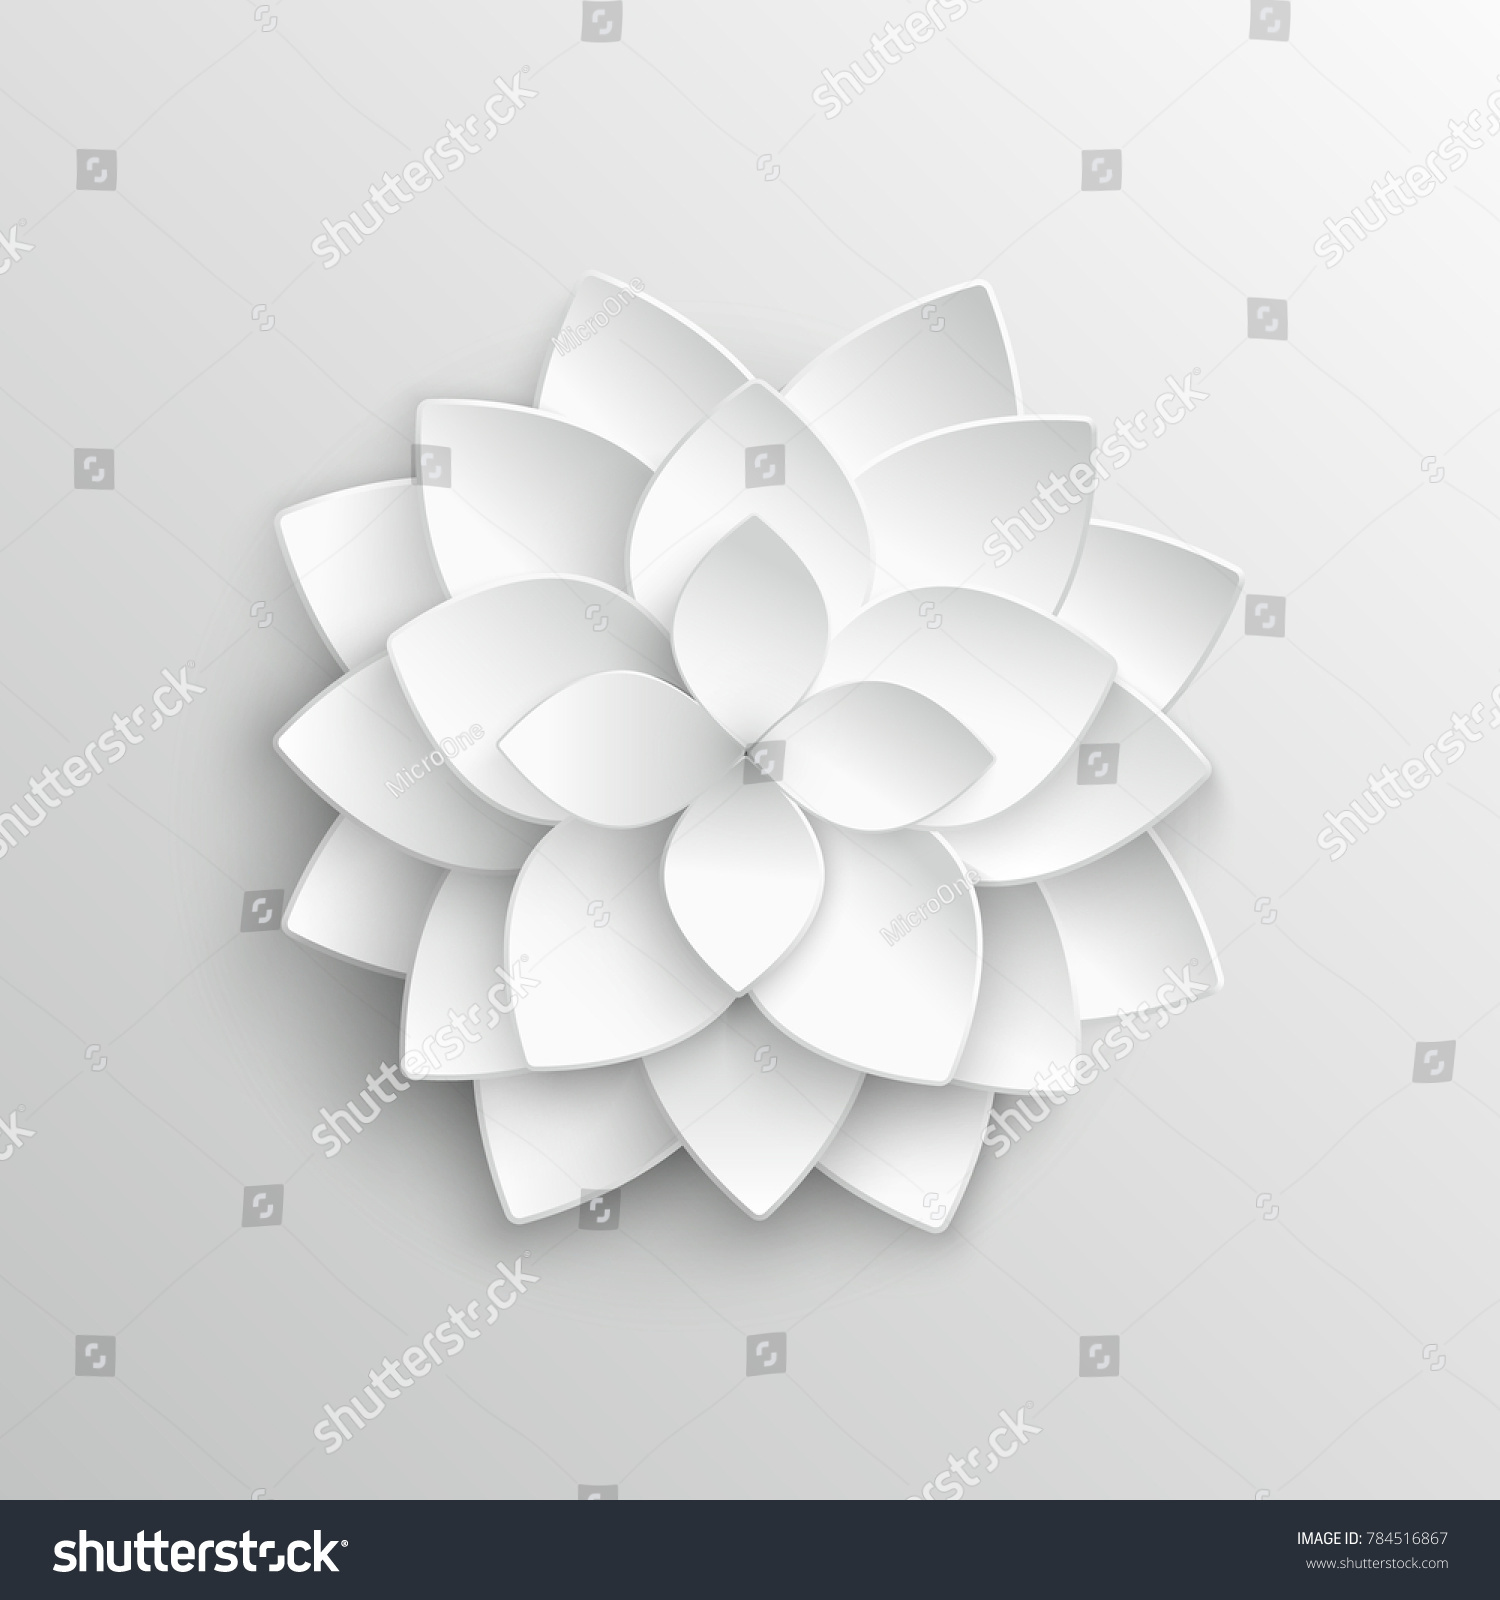 White Paper 3 D Lotus Flower Origami Stock Illustration 784516867 ...